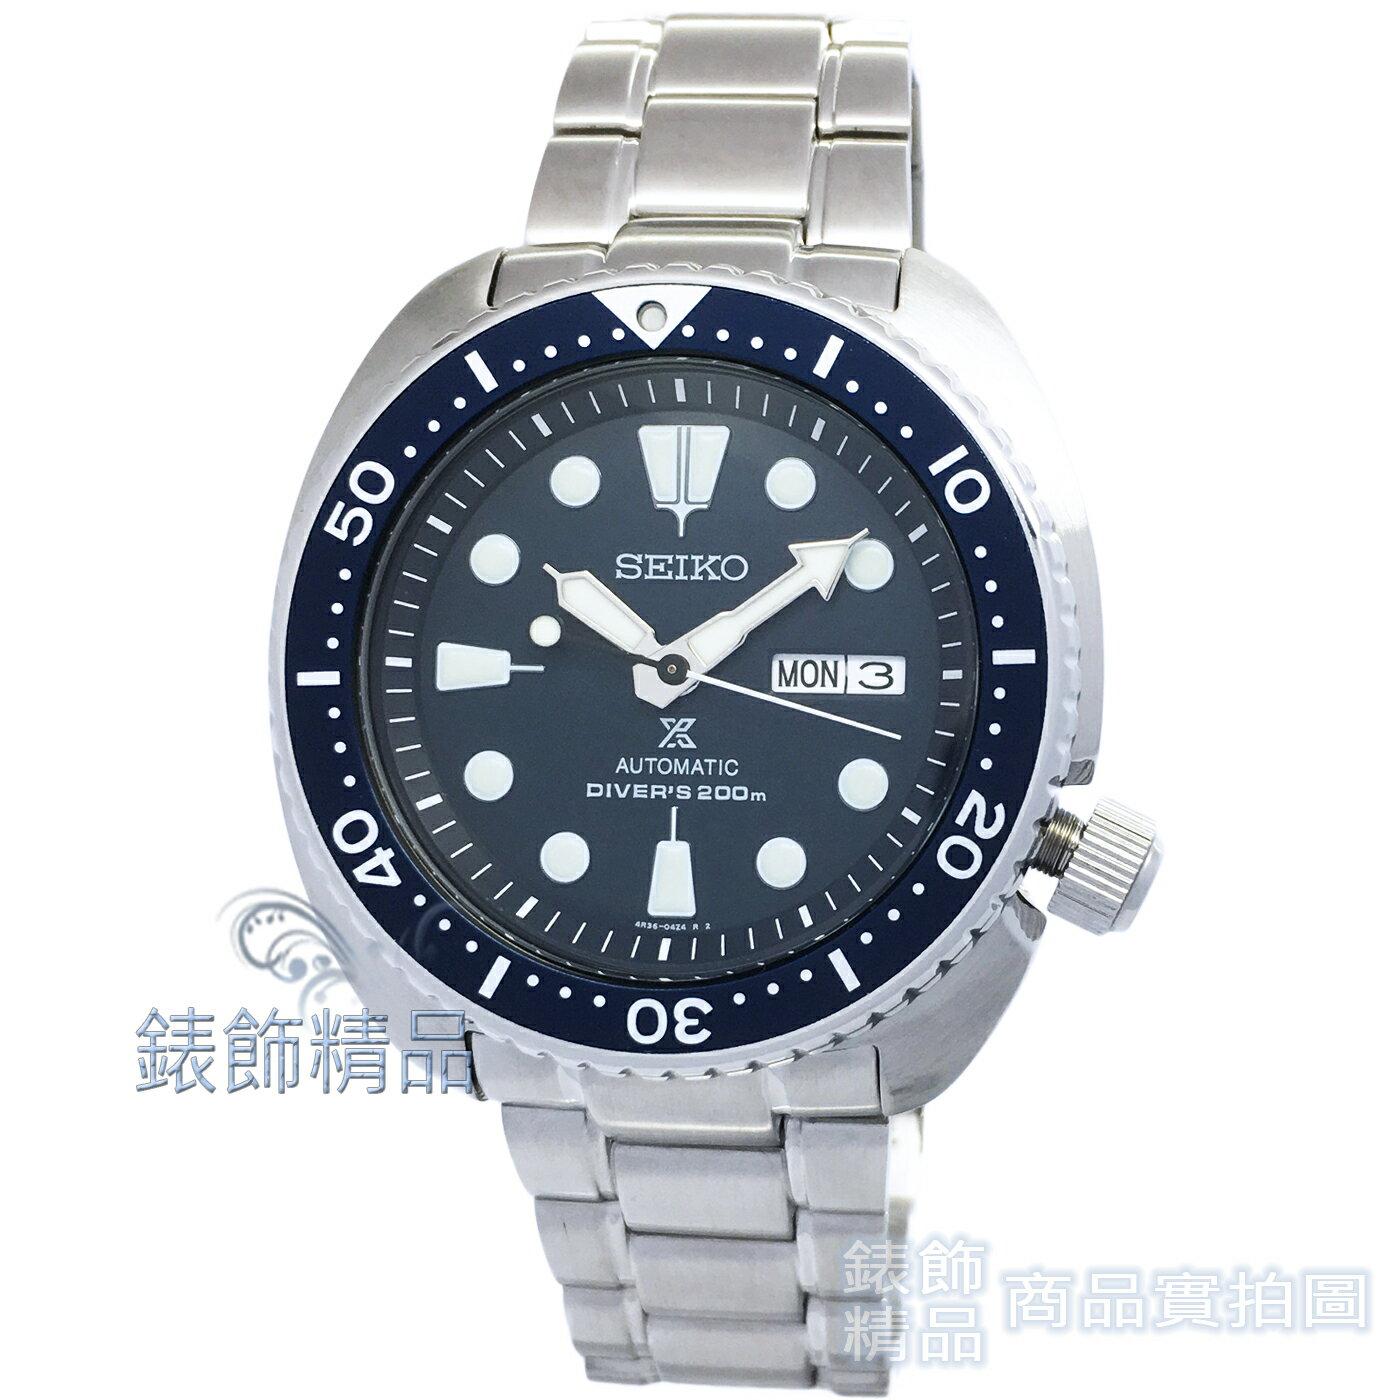 【錶飾精品】SEIKO精工表 SRP773K1 PROSPEX 第二代復刻200米深藍面潛水機械男錶 全新原廠正品